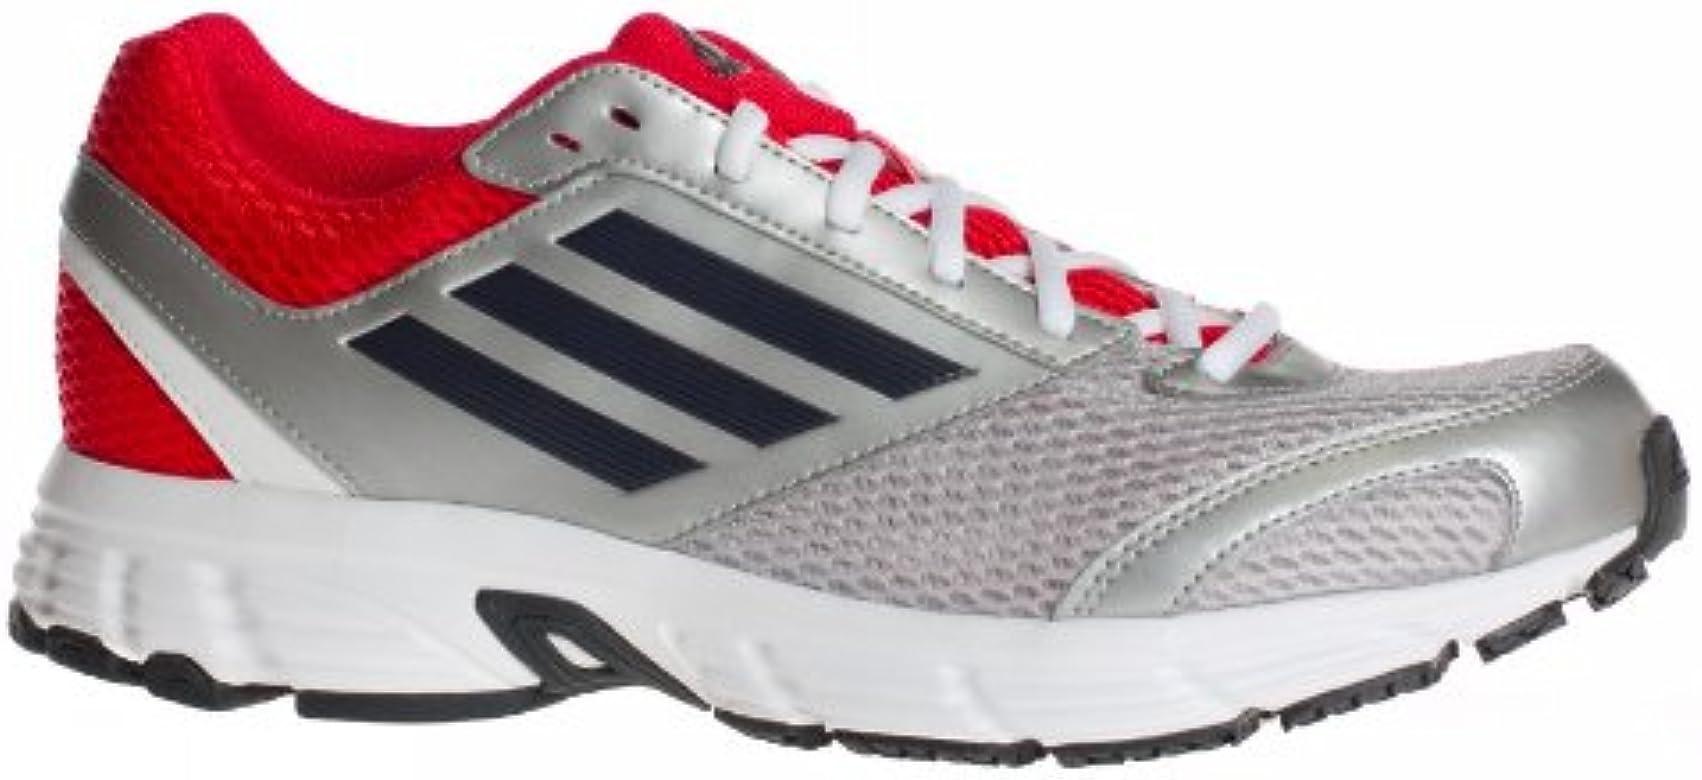 ADIDAS Adidas furano 4 m runwht tecon zapatillas running hombre ...